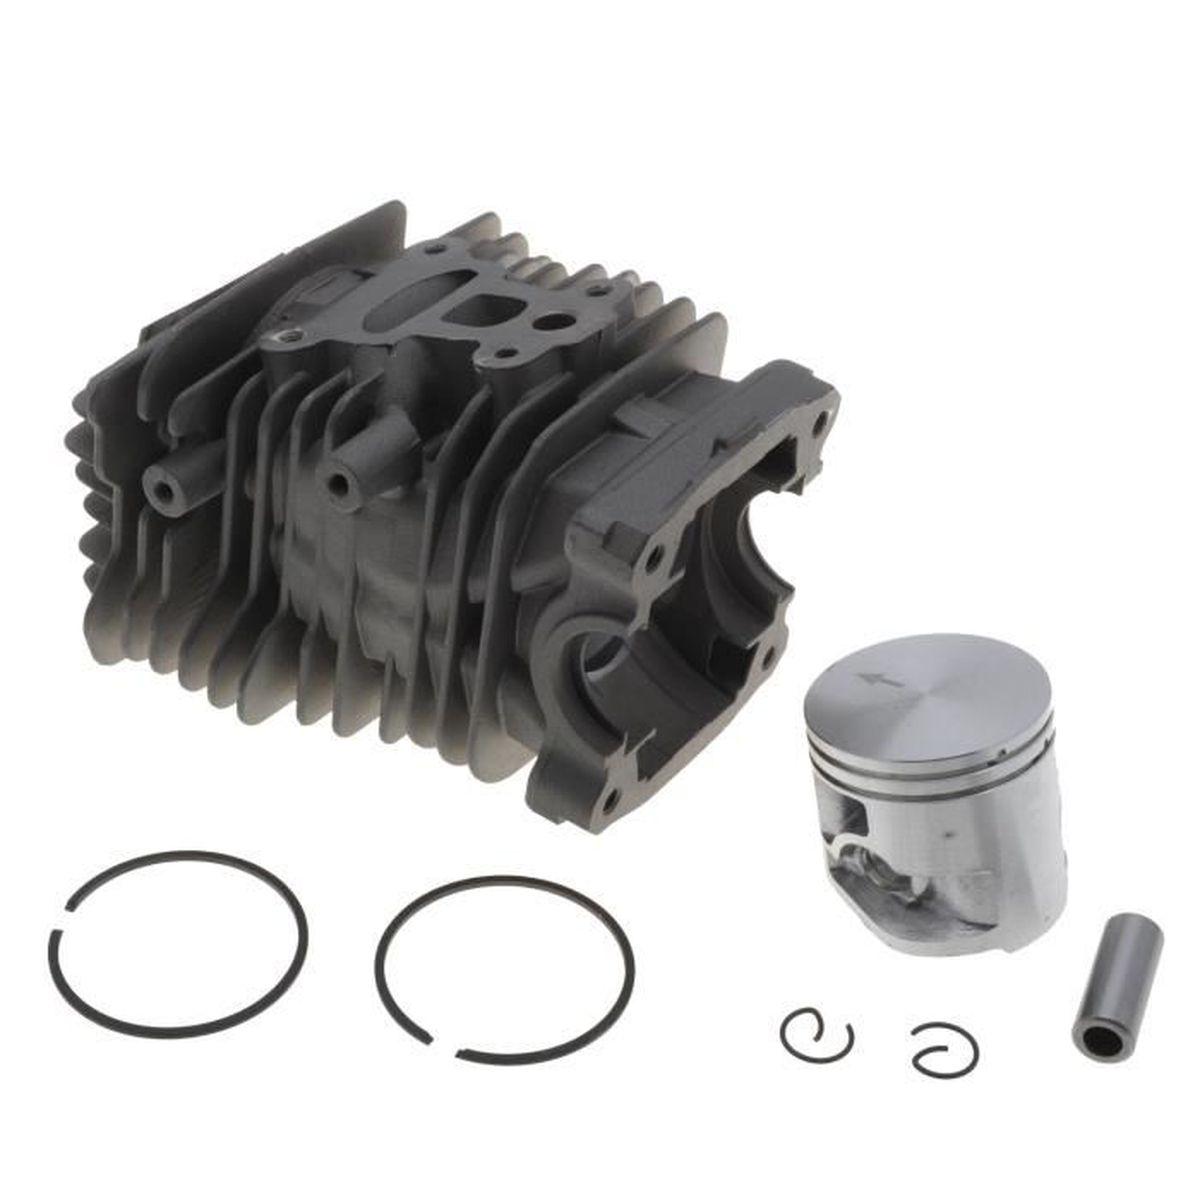 cylindre piston 40mm adaptable pour tronçonneuse stihl ms211 - achat